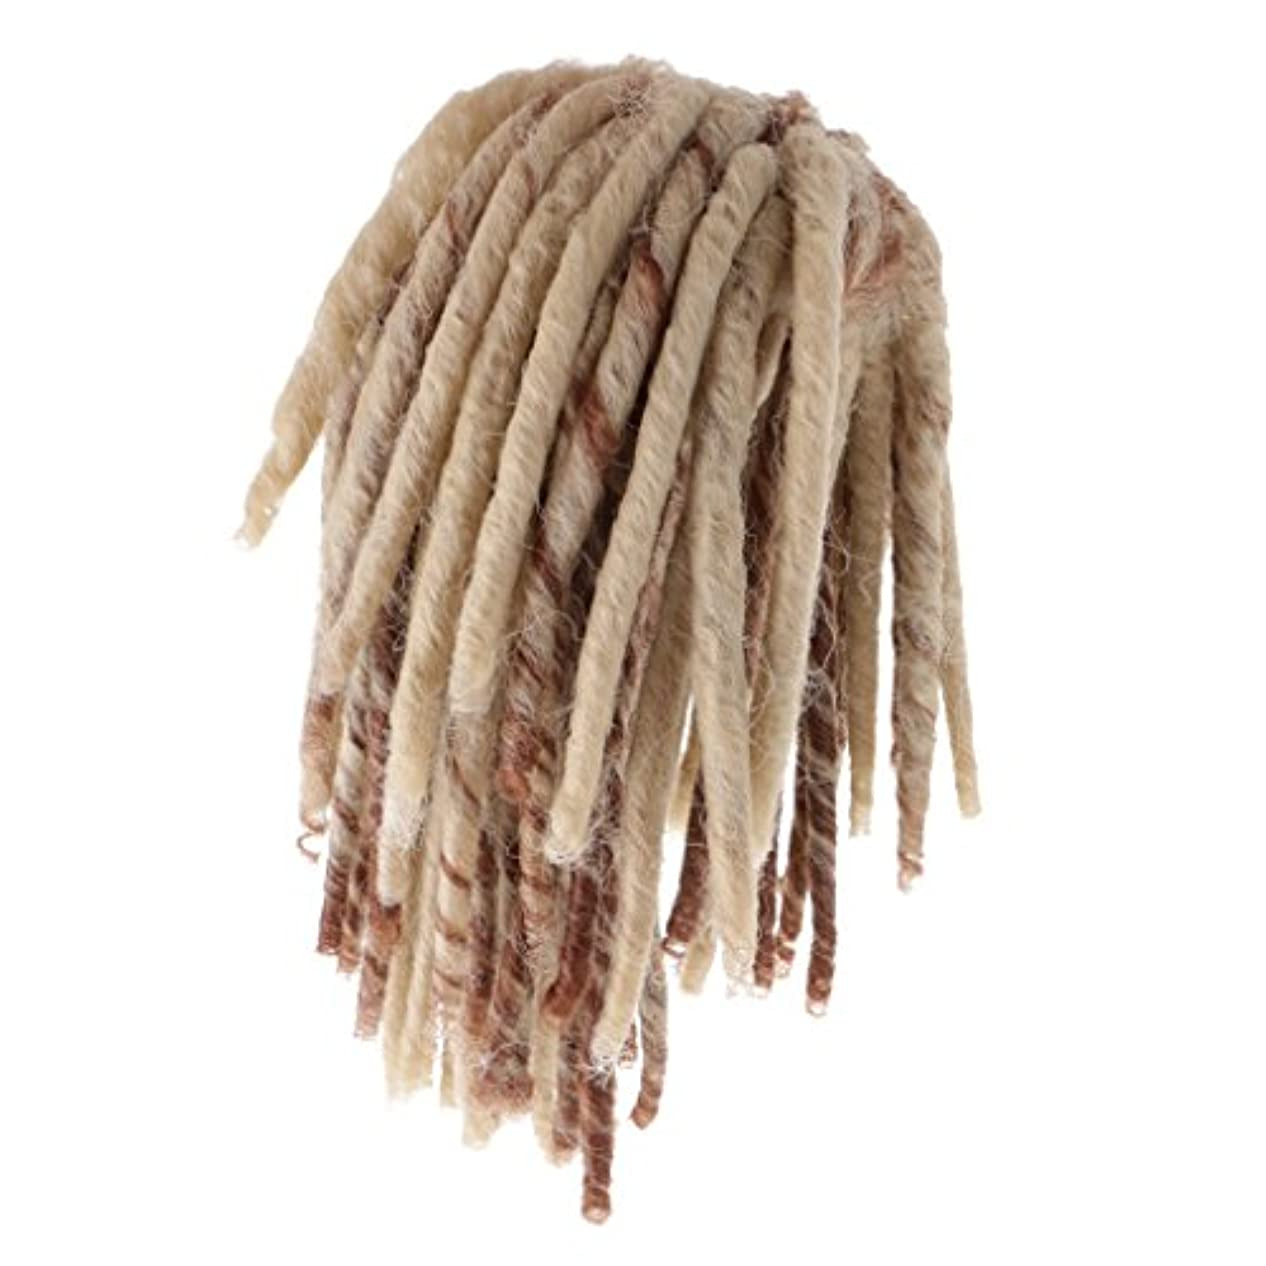 振る肥沃な当社Dovewill 人形用ウィッグ  ドレッドかつら  カーリー かつら  髪 ヘア 18インチドール用  DIY修理用品  全2色  - ブラウン